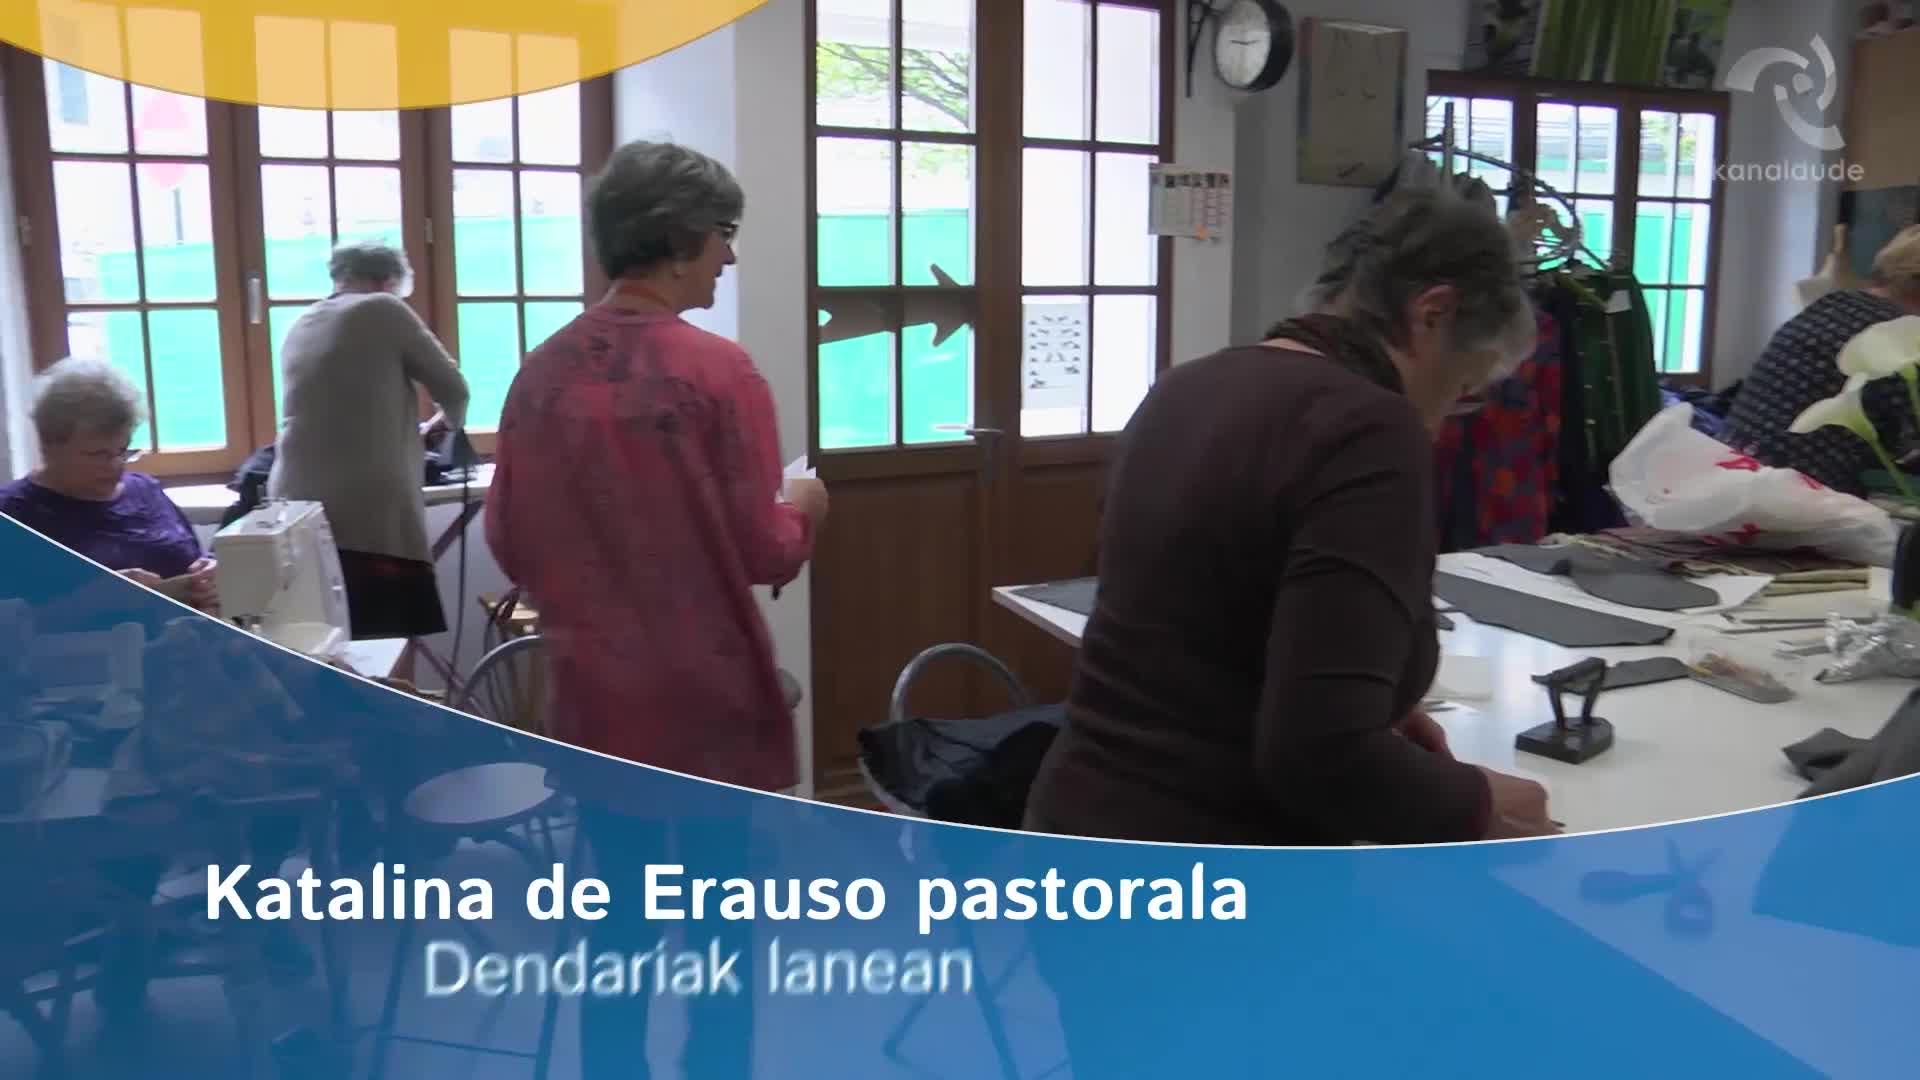 Katalina de erauso pastorala: dendariak lanean